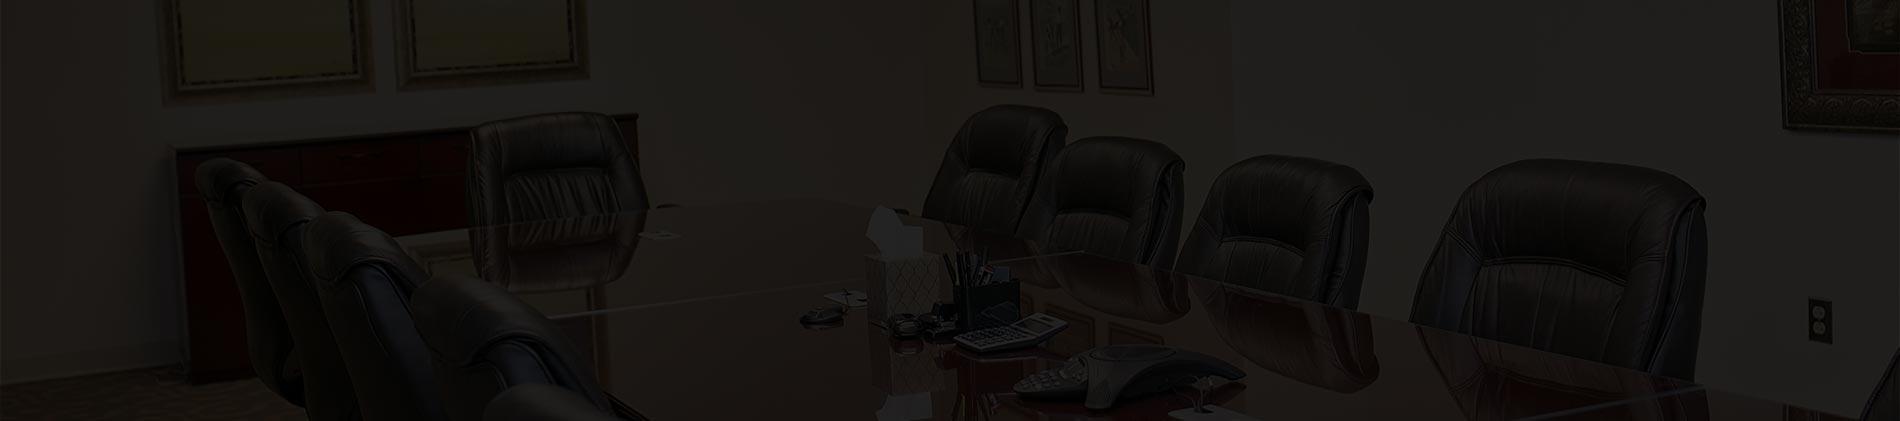 attorney-background